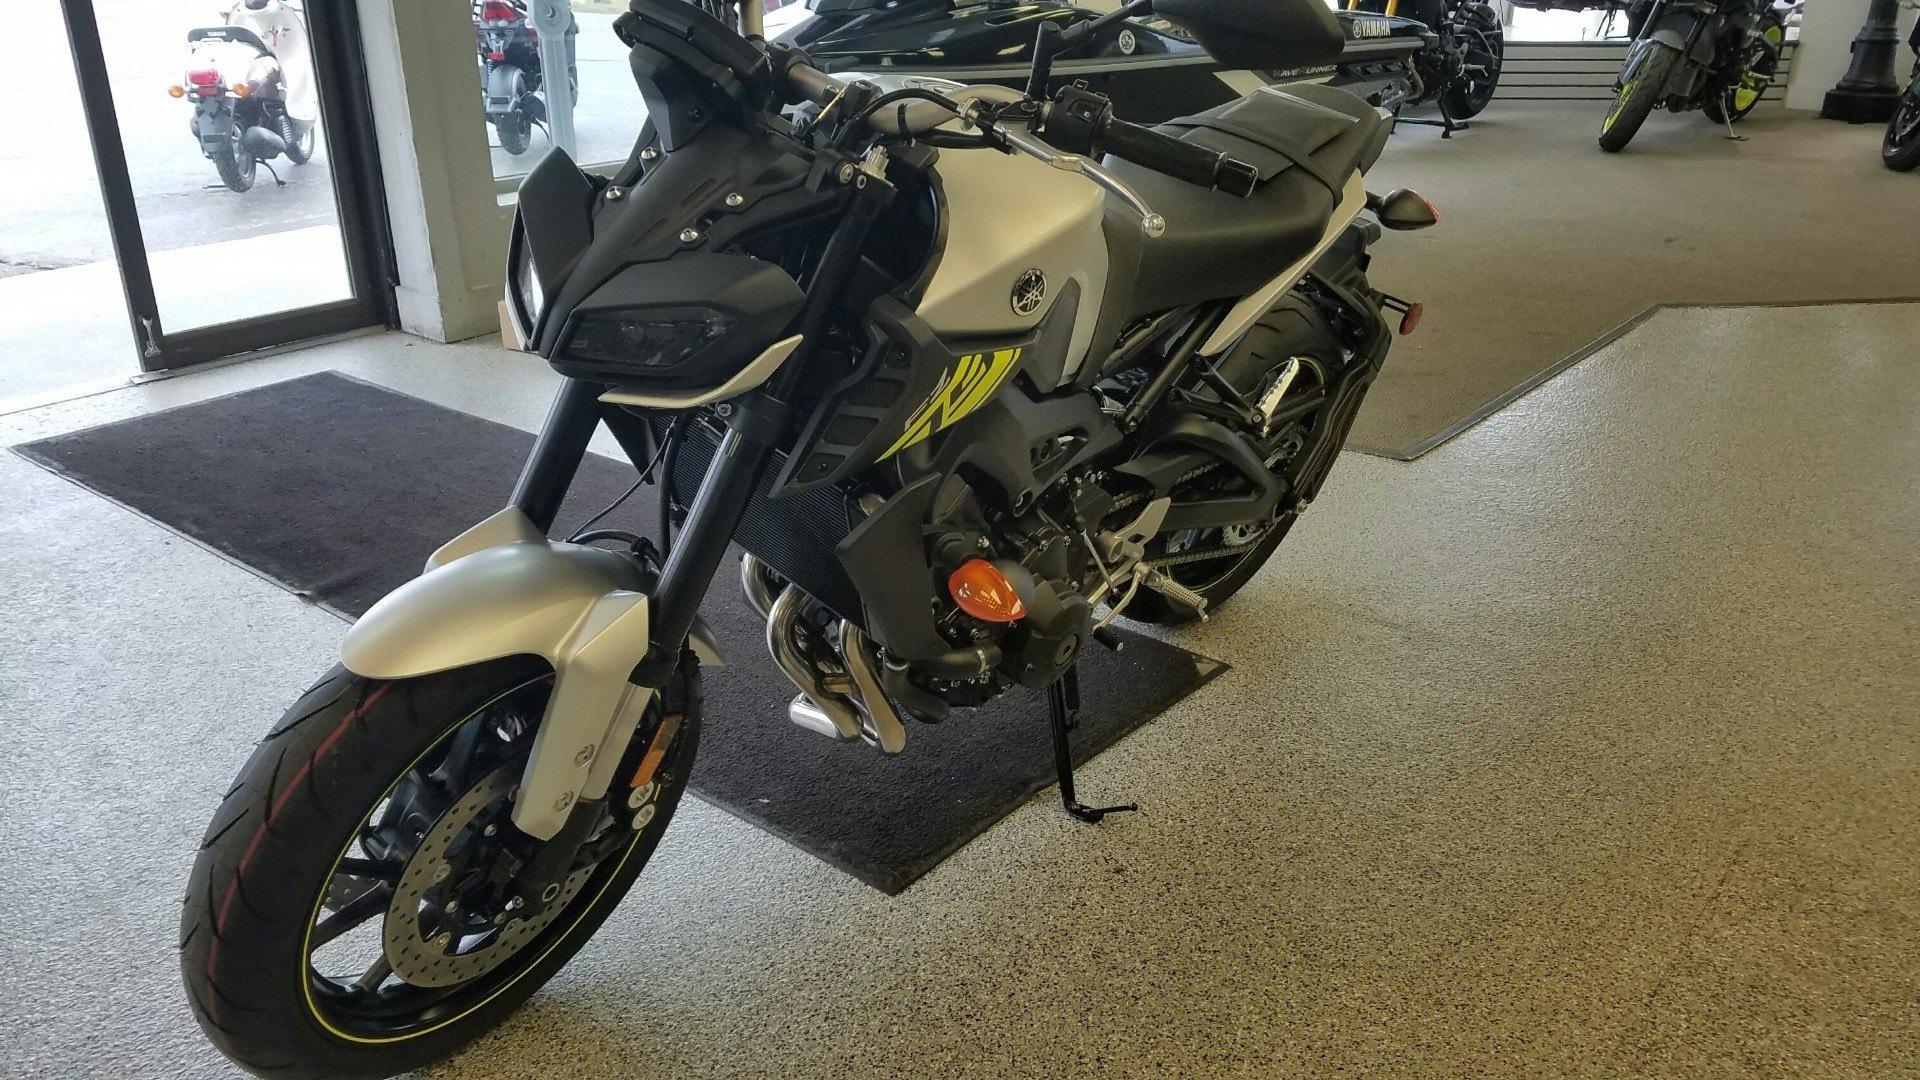 2017 Yamaha FZ-09 4